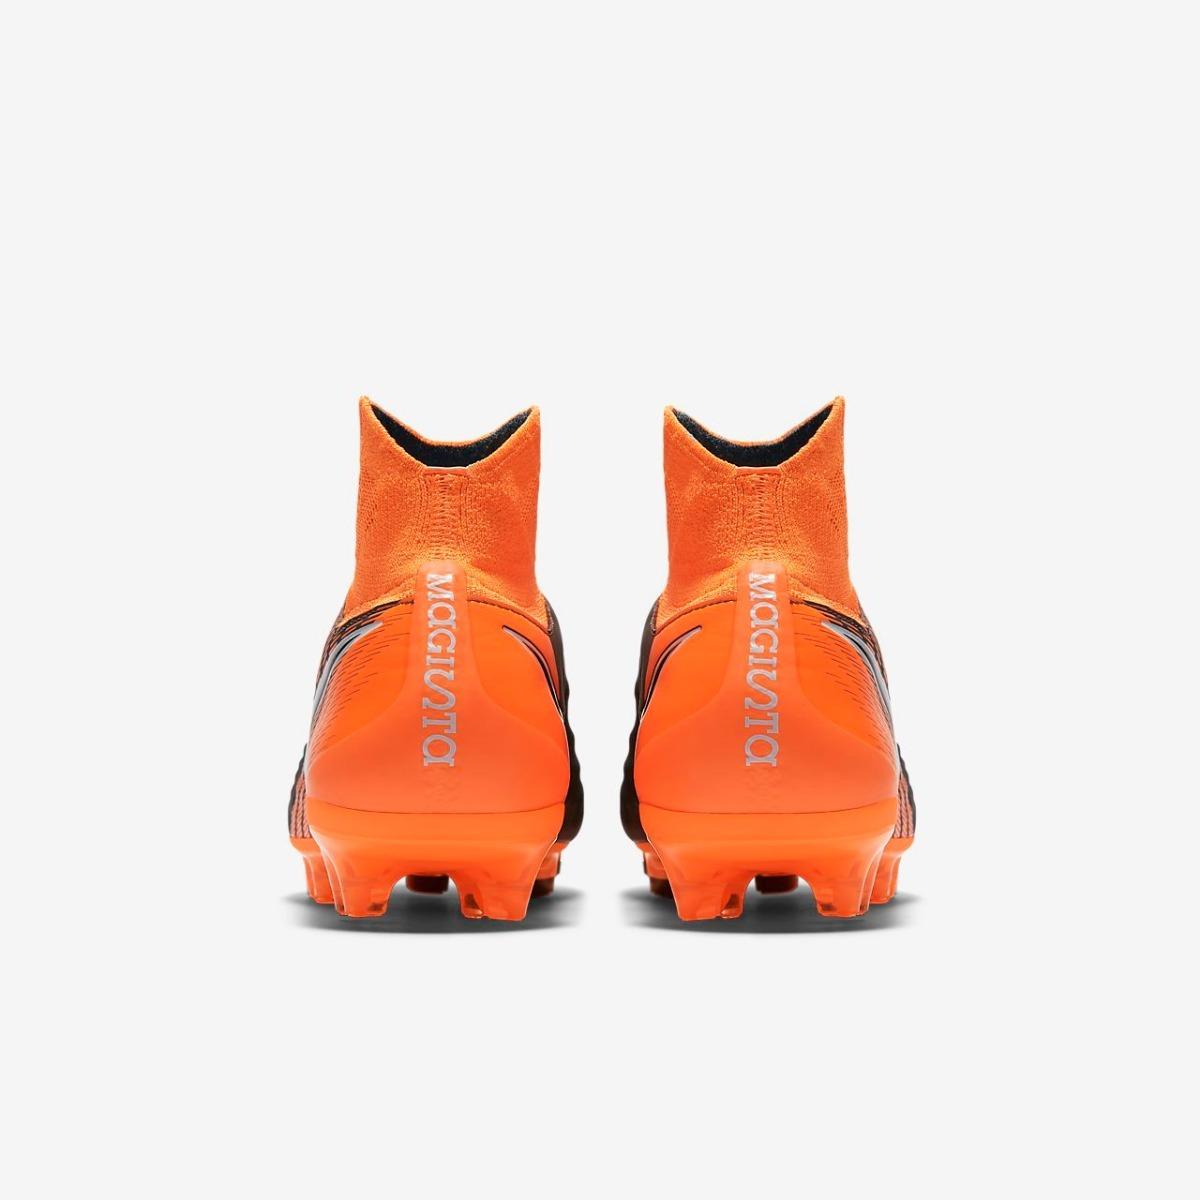 6703c6238a828 Cargando zoom... zapatos fútbol nike magista obra 2 pro   rincón ...